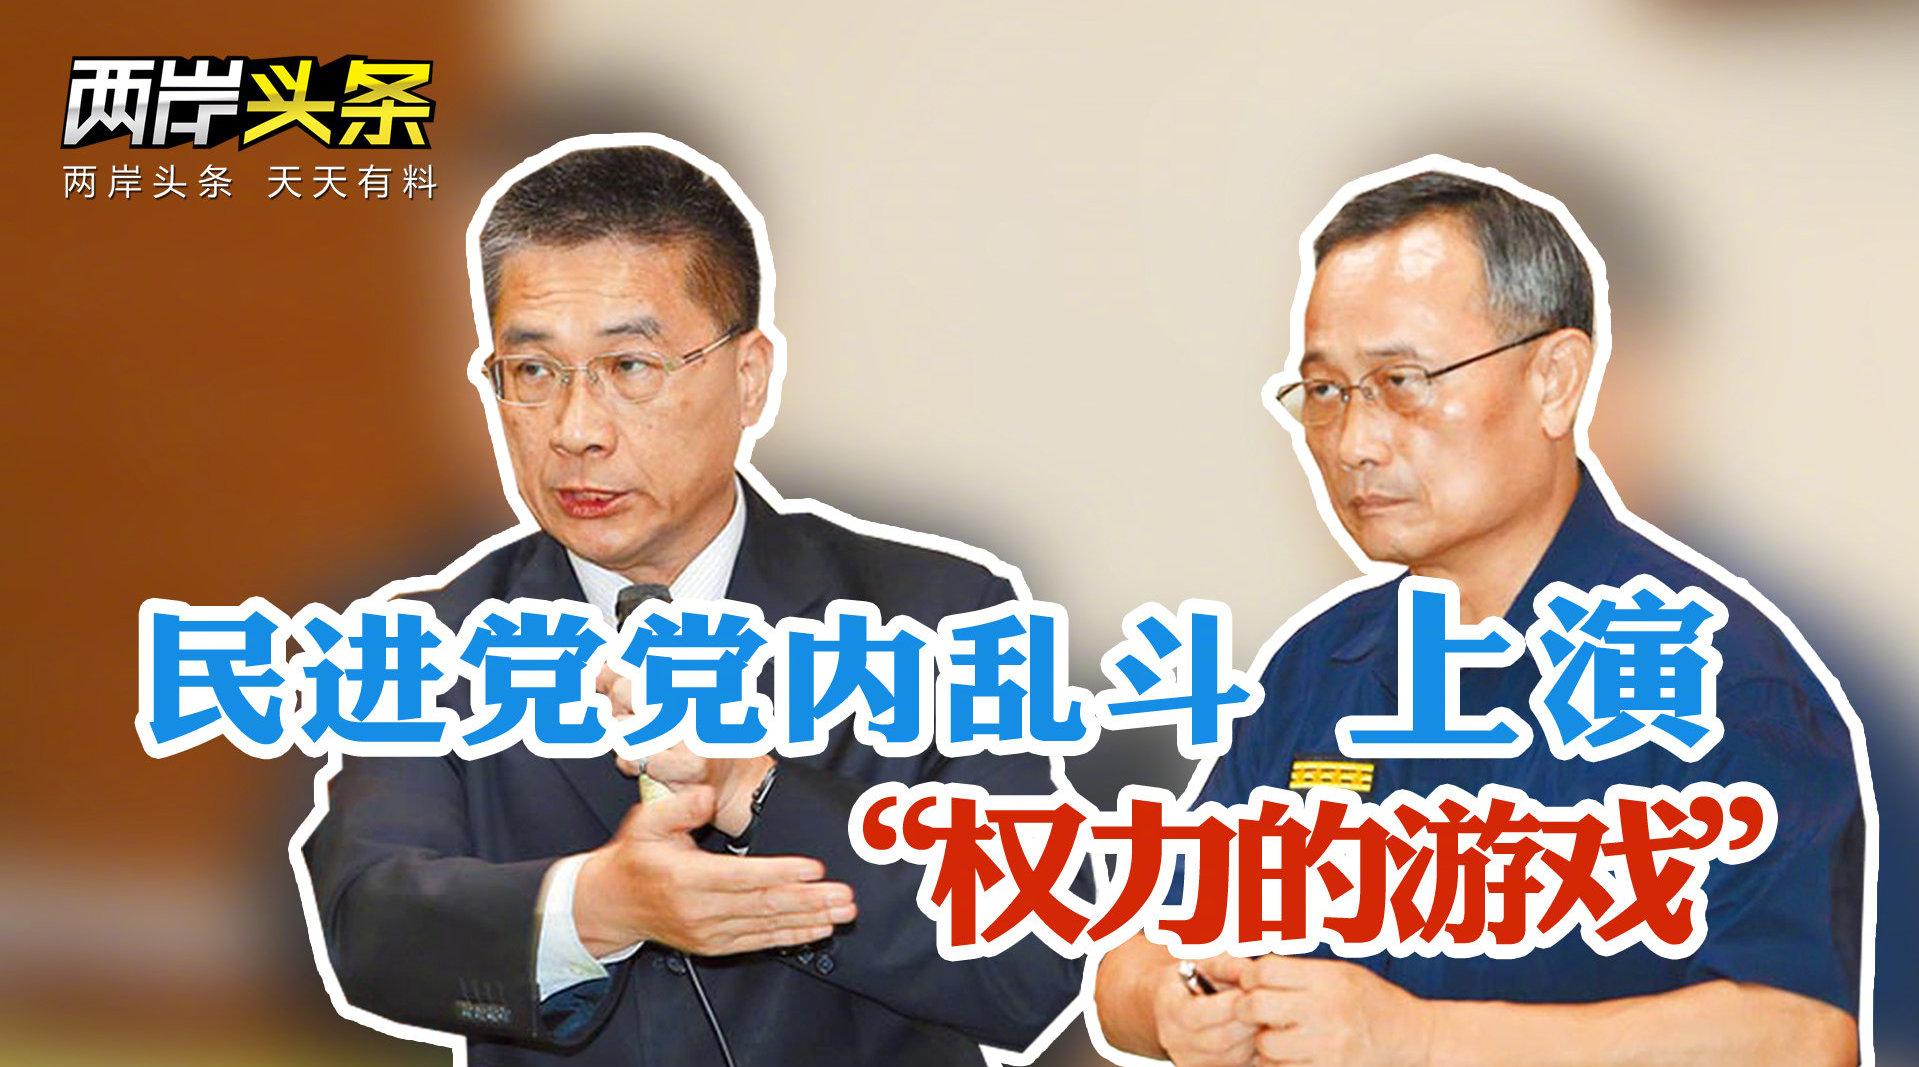 """民进党党内乱斗 上演""""权力的游戏"""""""